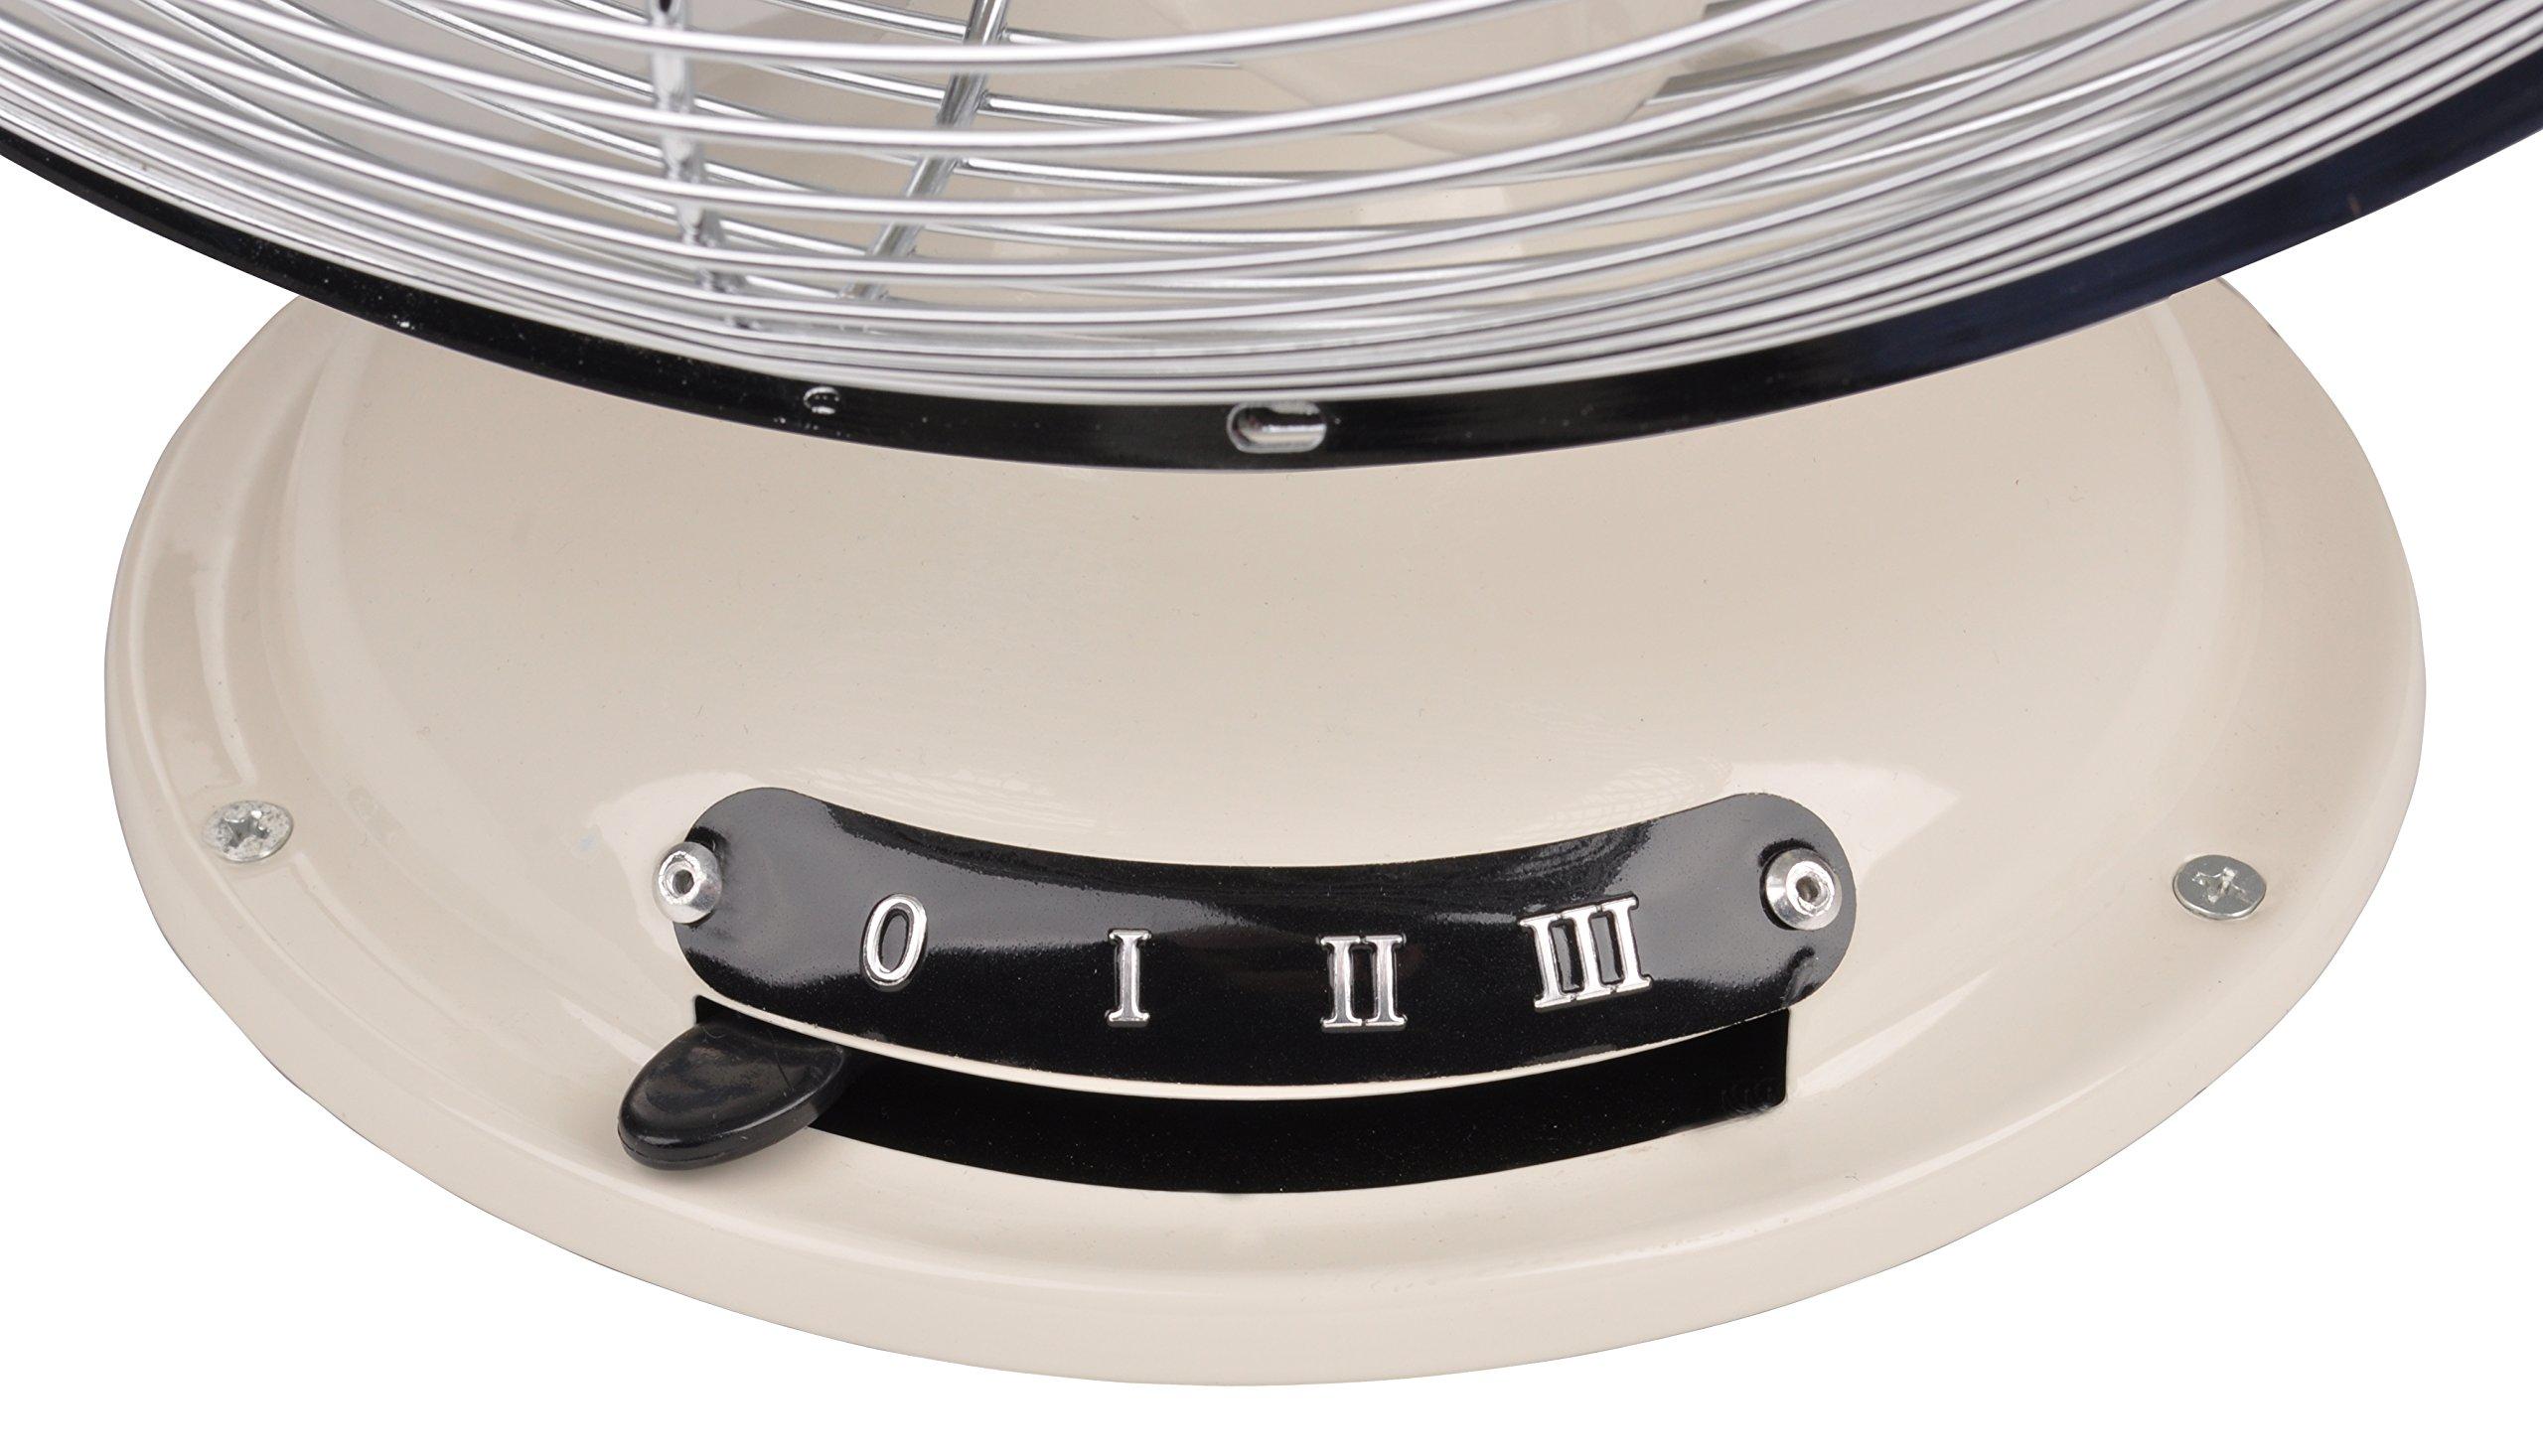 Team Kalorik Ventilador de mesa de metal, Función oscilación, 3 velocidades, 30 cm, 35 W, Blanco/Plateado, TKG VT 1021: Amazon.es: Hogar